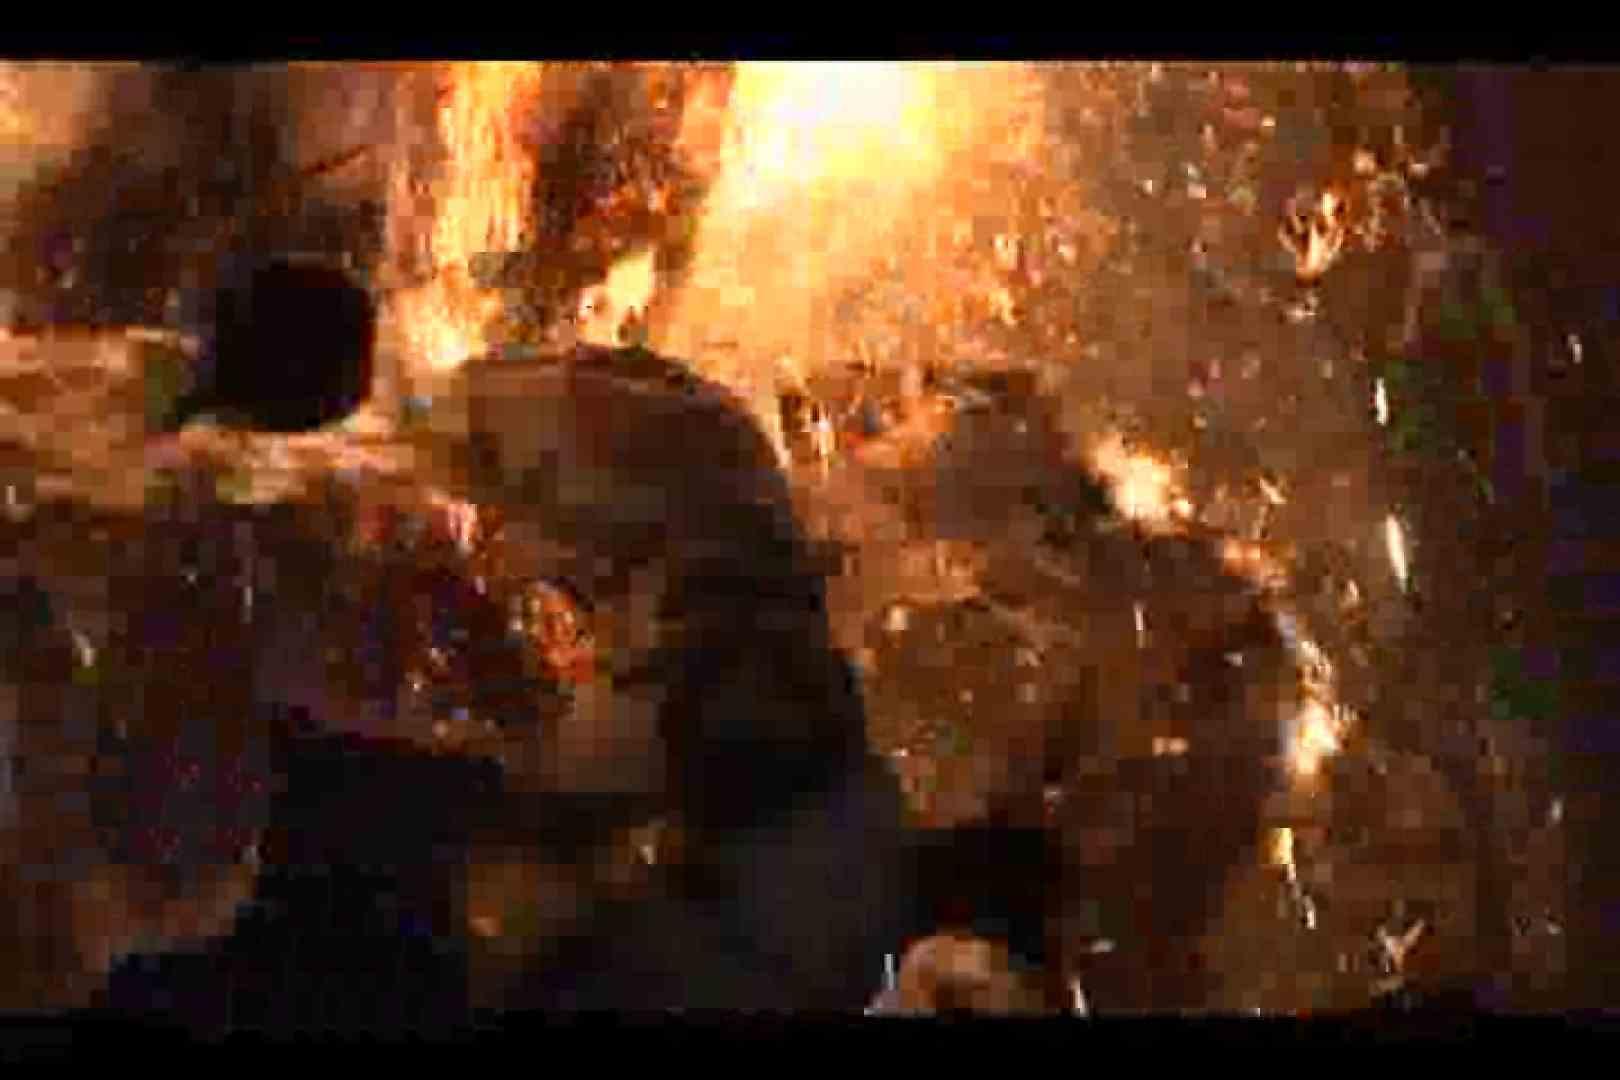 鳥羽の火祭り 3000K!高画質バージョンVOL.03 ふんどし男子 | 覗きシーン  84枚 56